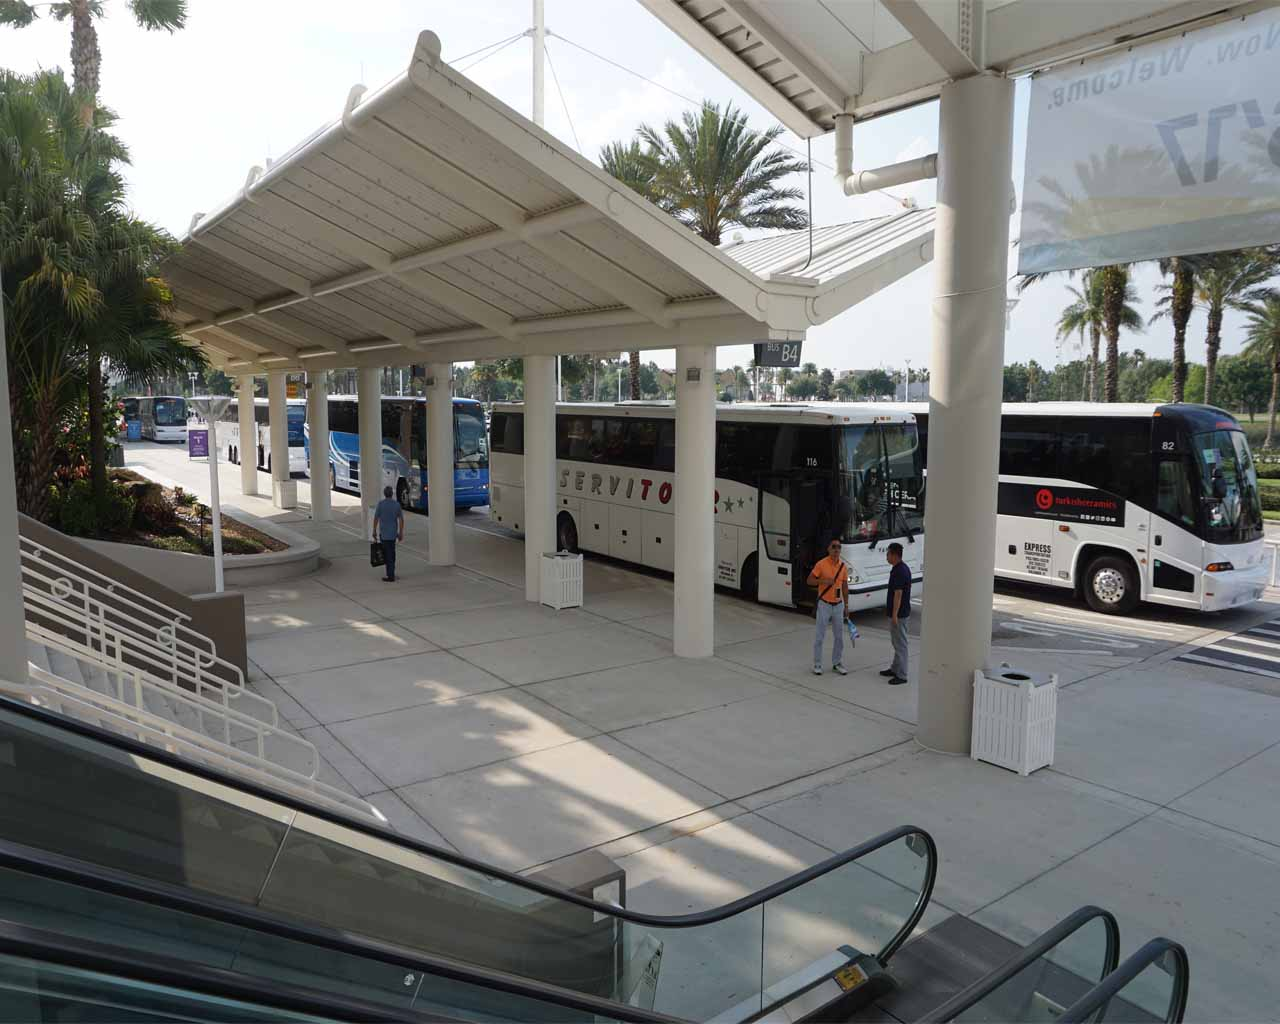 perfekt organisiert : am Abend gab es einen Shuttle-Bus zum Hotel